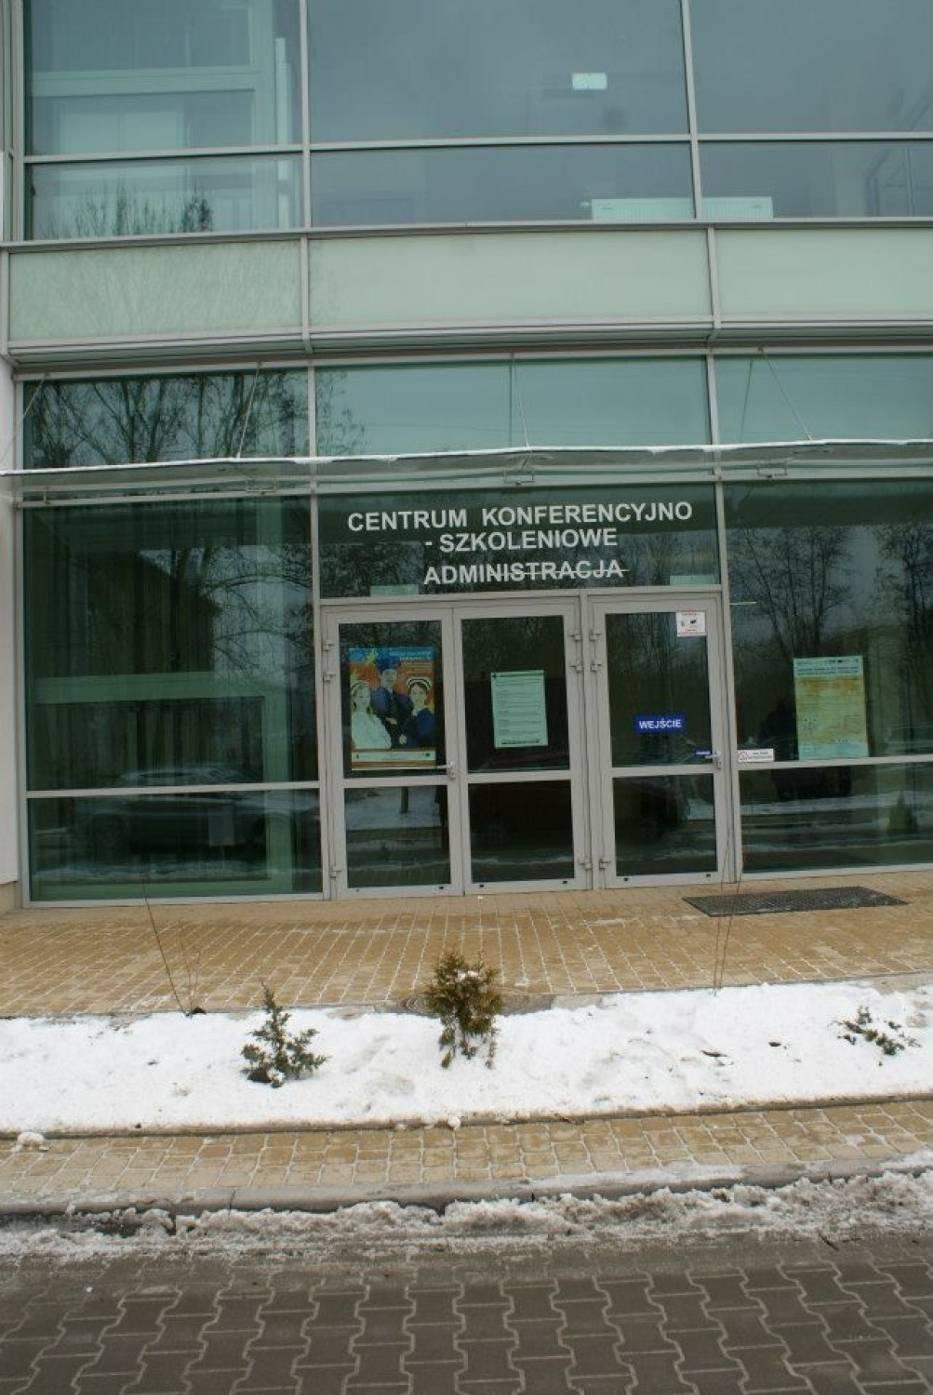 Wejście do budynku konferencji